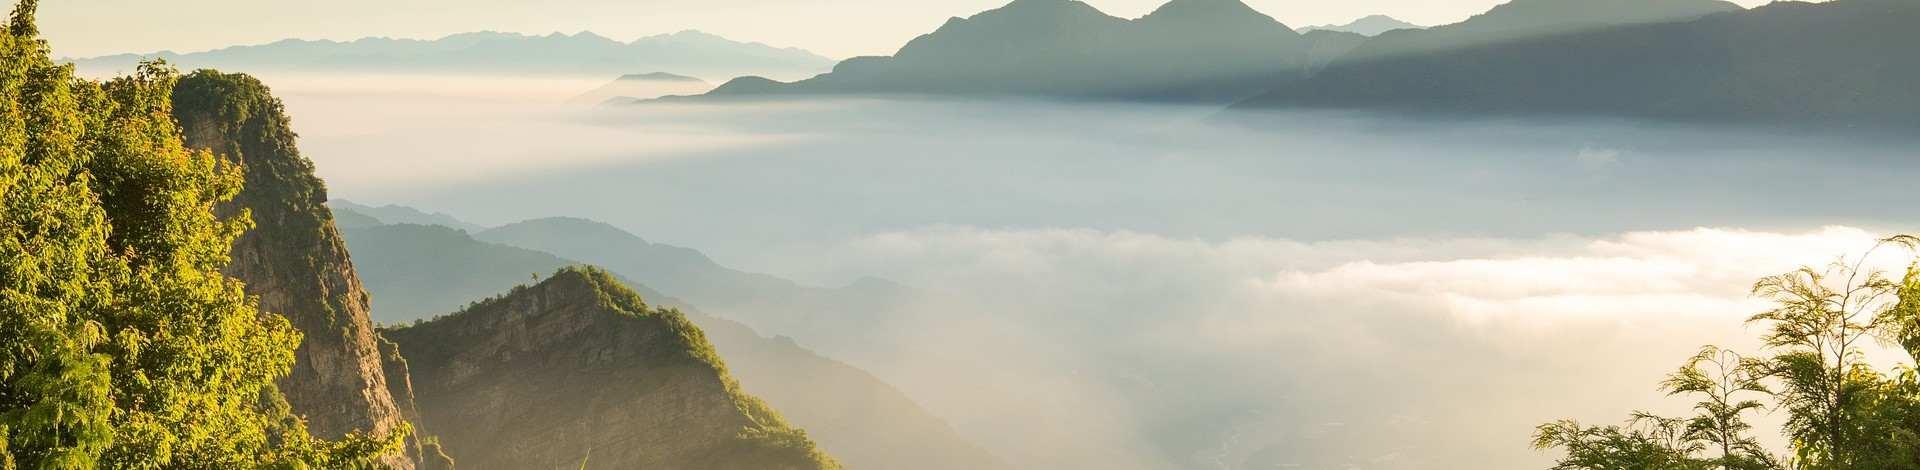 Alishan Taipei Taiwan montagnes nature